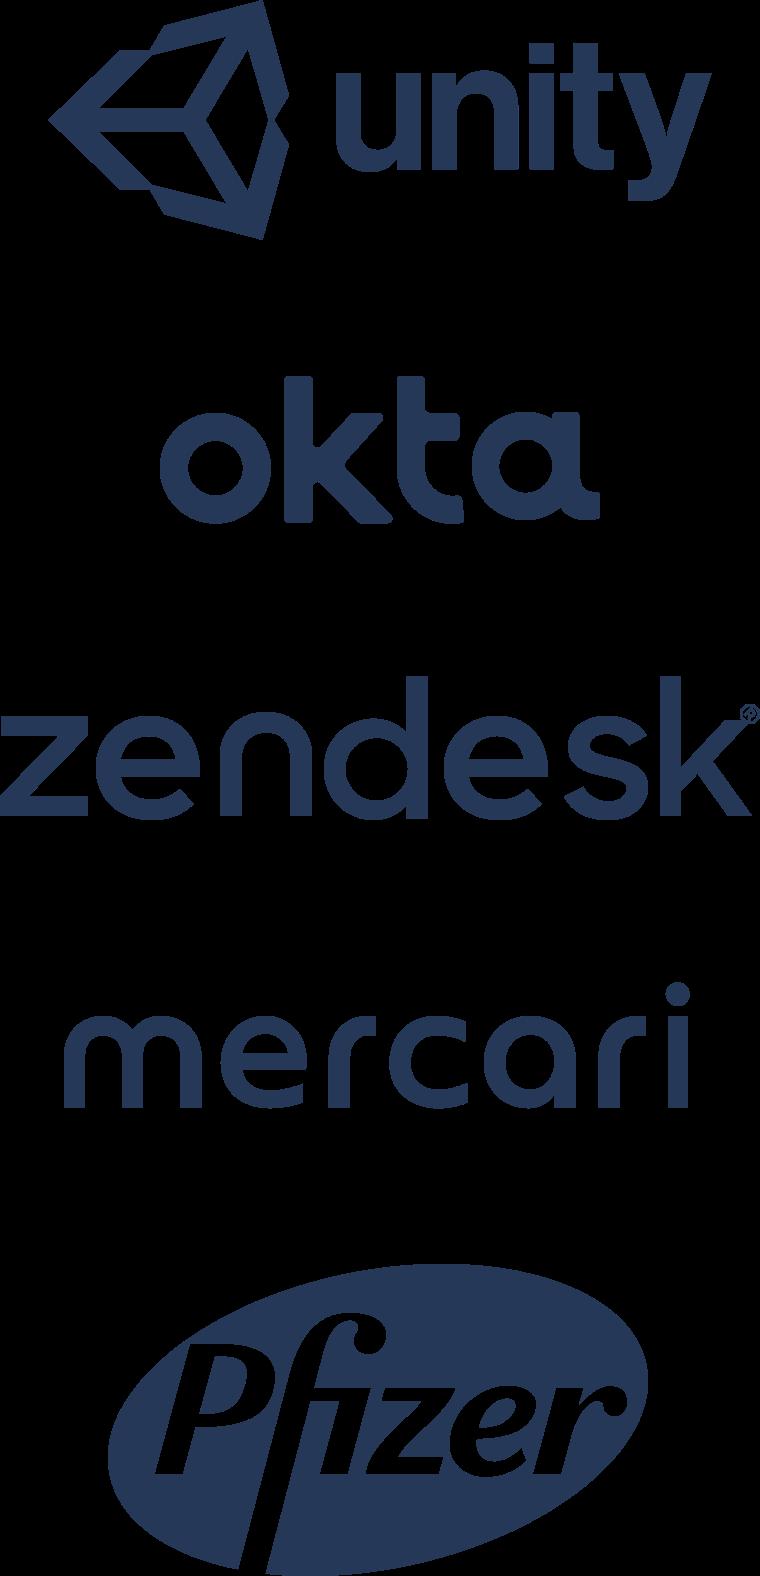 Logo di Unity, Okta, Zendesk, Mercari, Pfizer